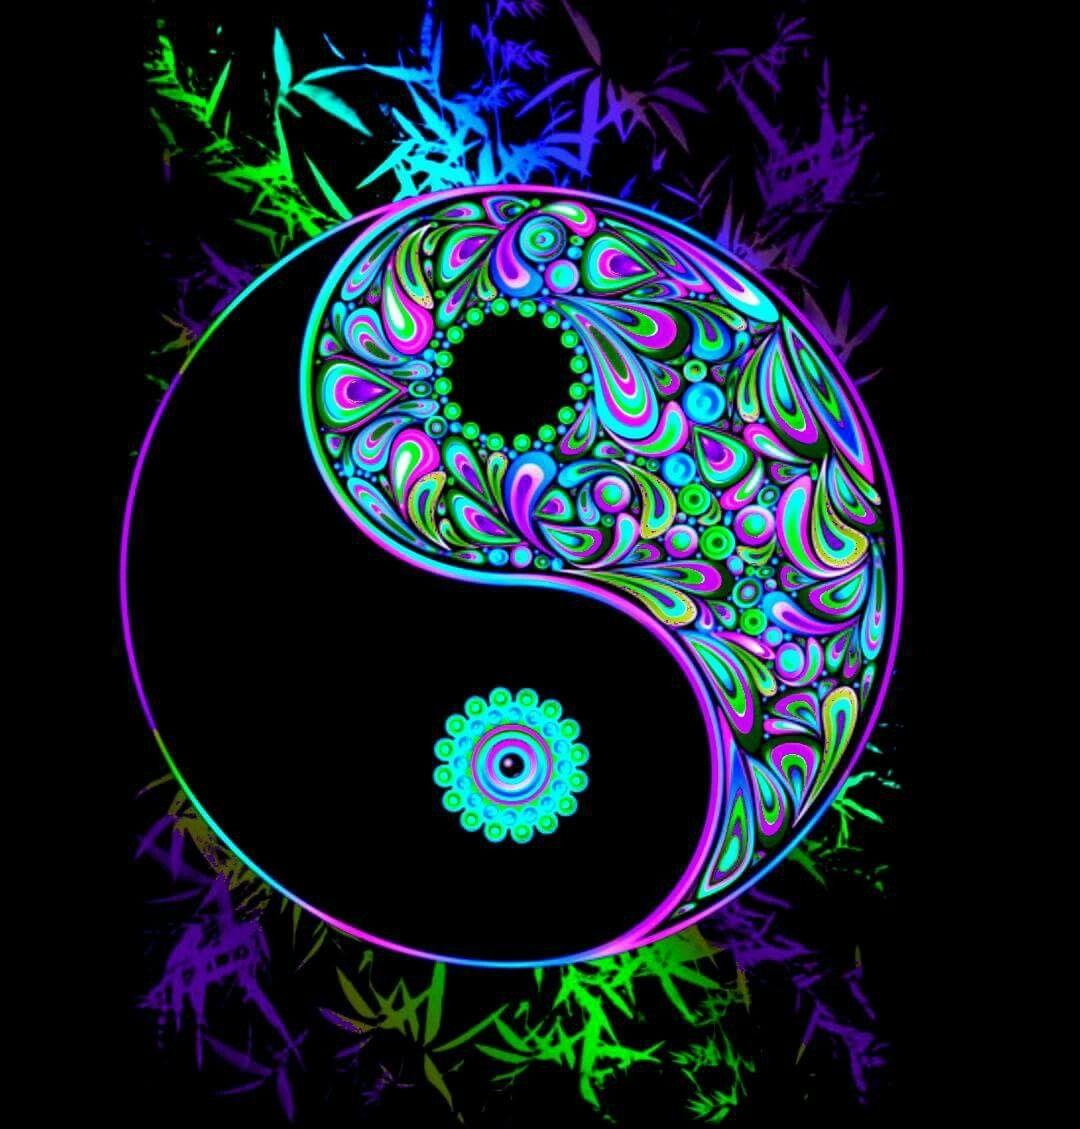 ࿊ Yin Yang ࿊